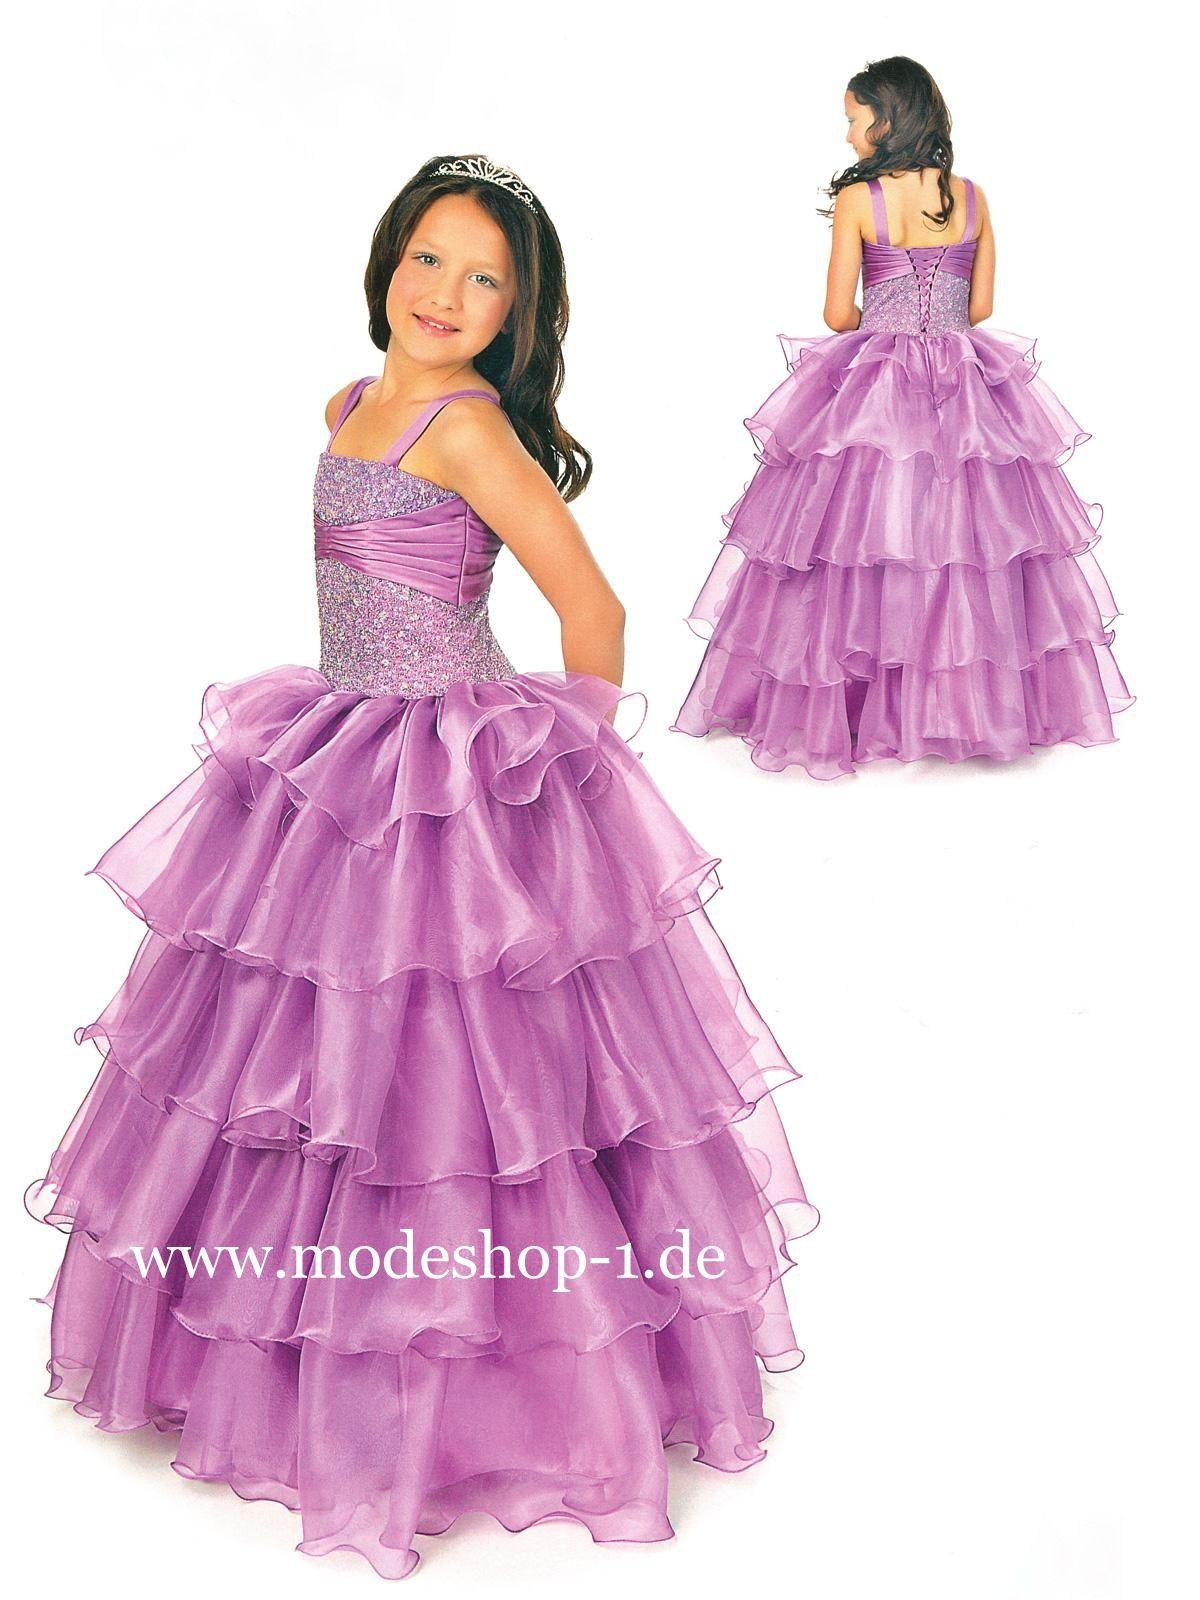 Kinder Mode Mädchenkleid Annemona Lila Flieder Violett www.modeshop ...